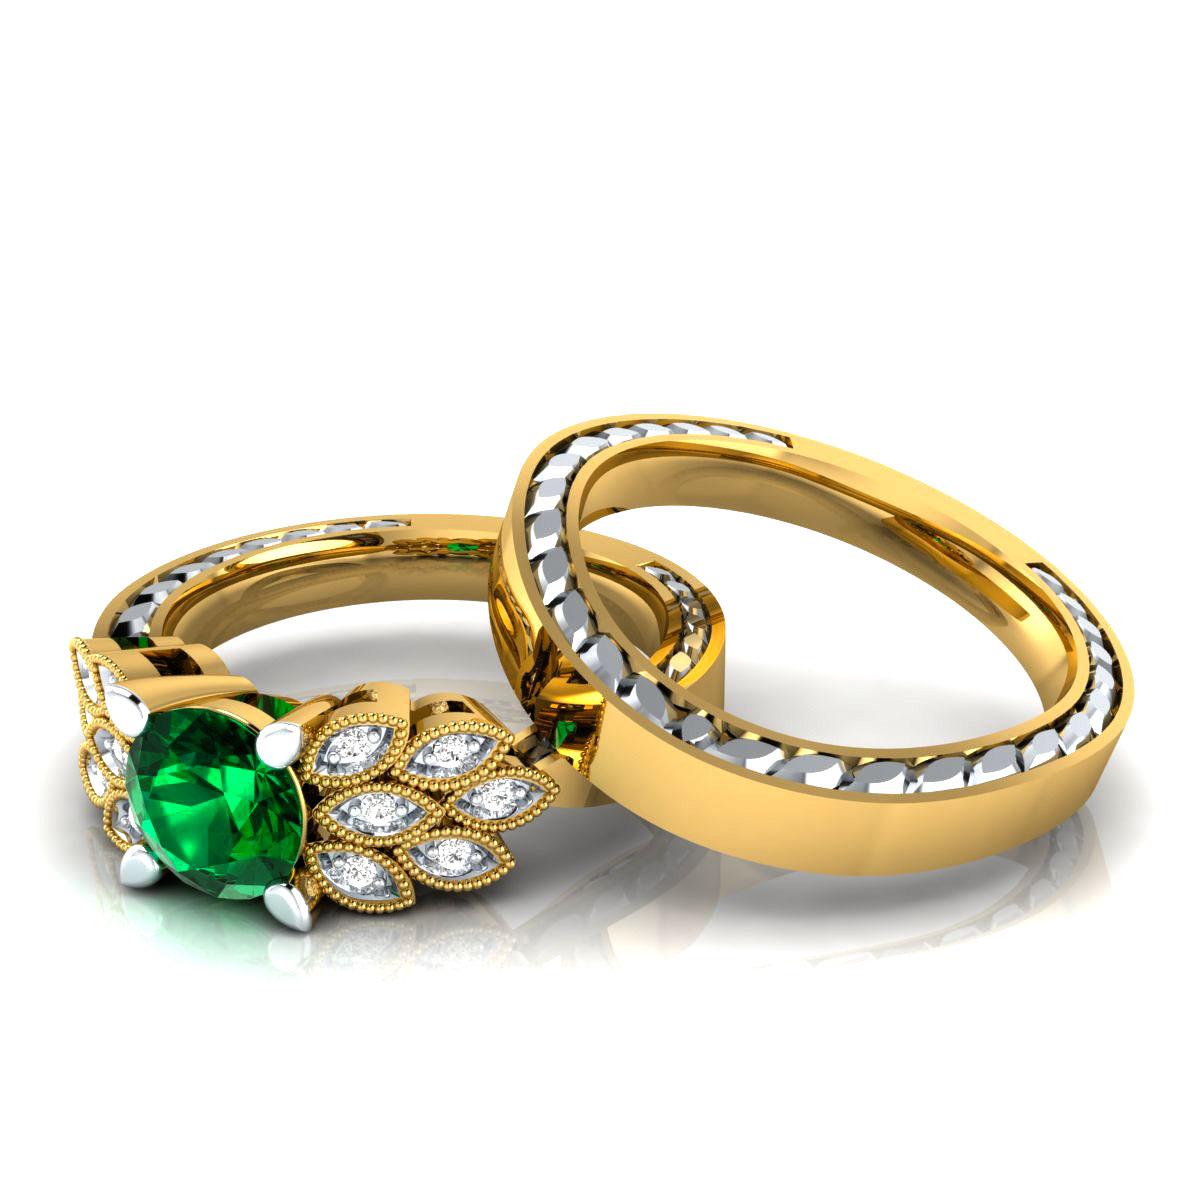 Slr 15602 Pre Em Yg Nikita Jewellers Pvt Ltd